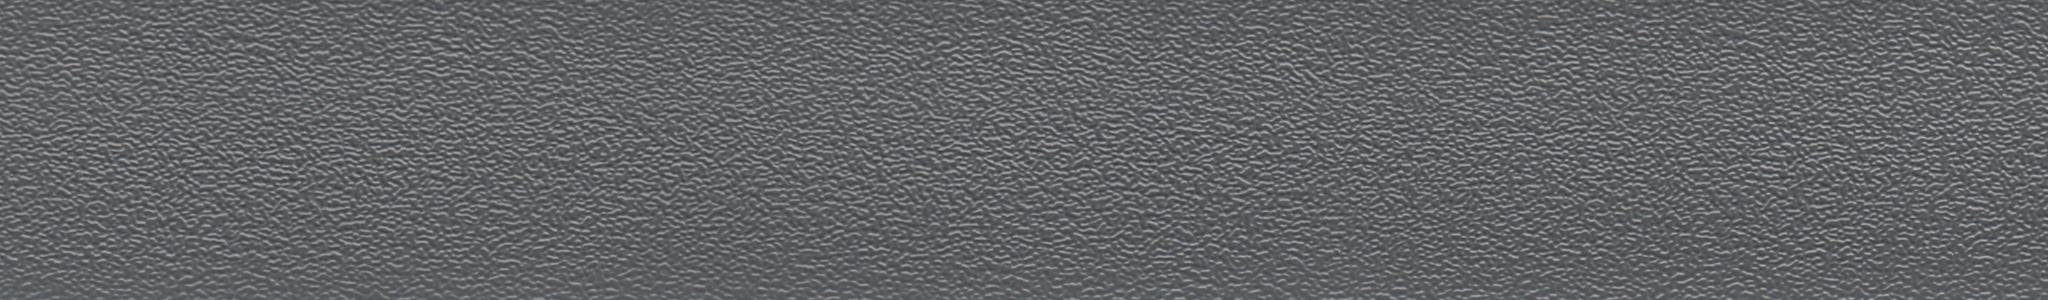 HU 174070 ABS hrana šedá perla 101